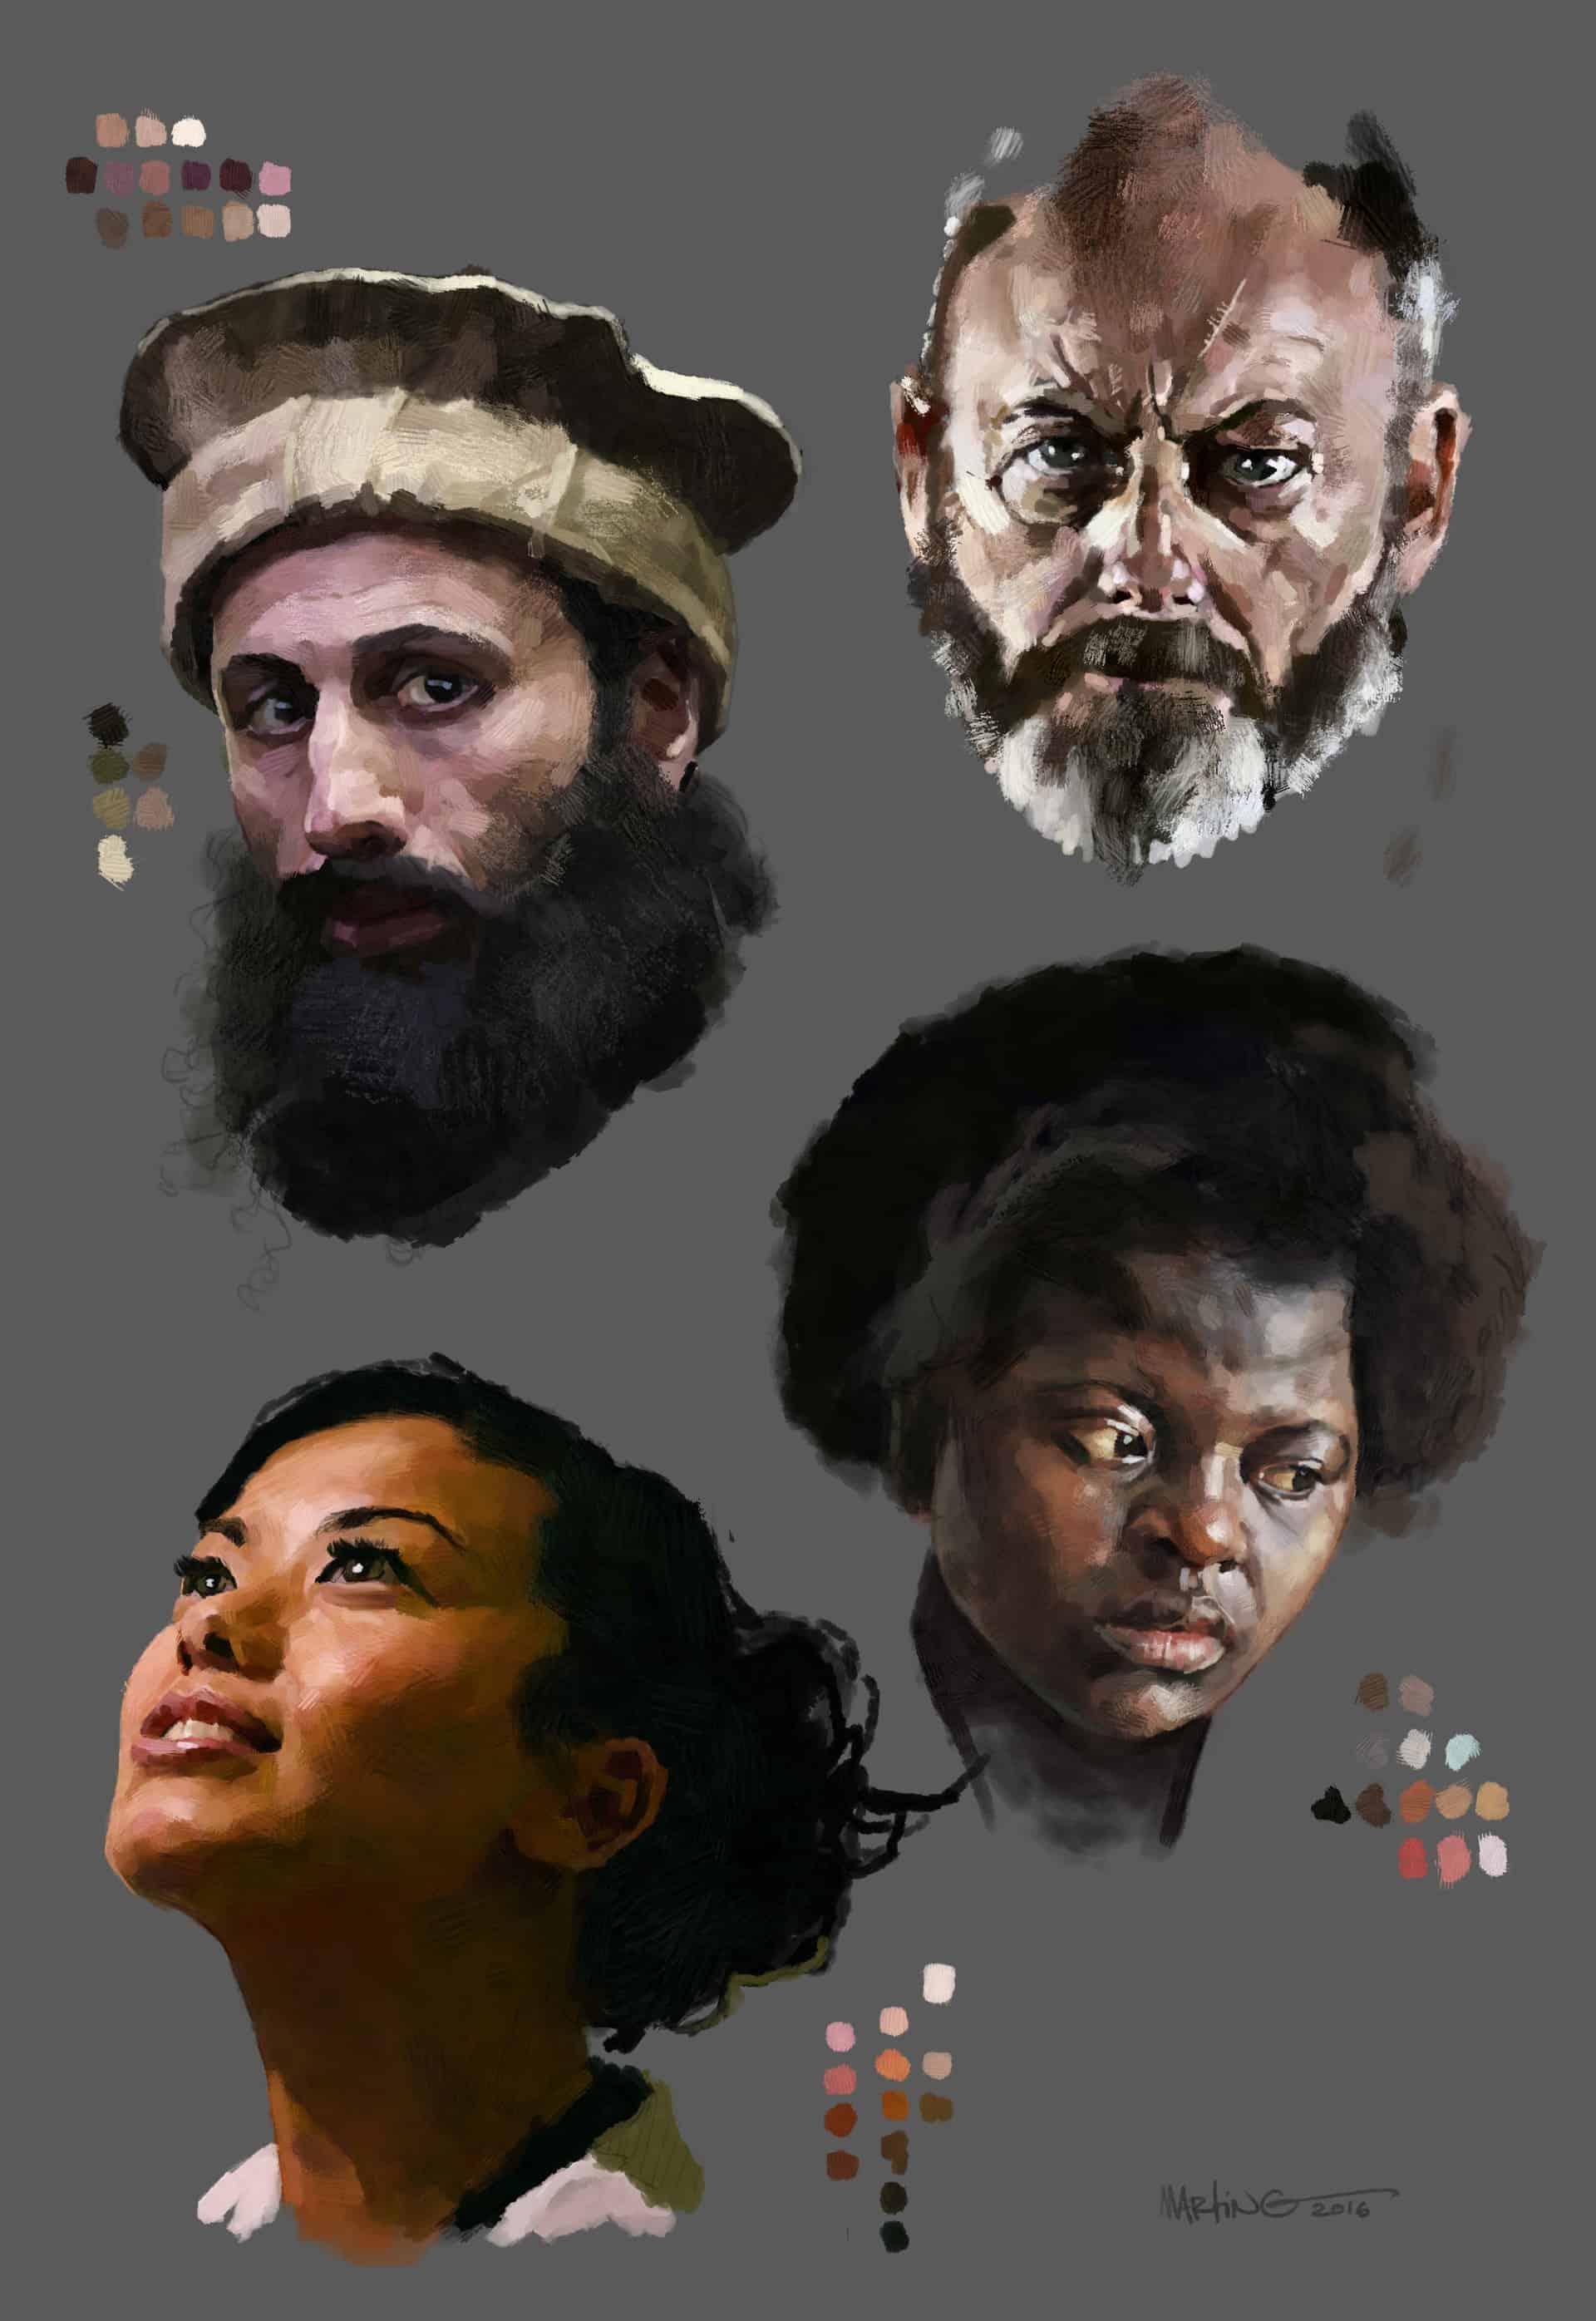 digital paint study by Martin Guldbaek (using GrutBrushes oil impasto Photoshop brushes)